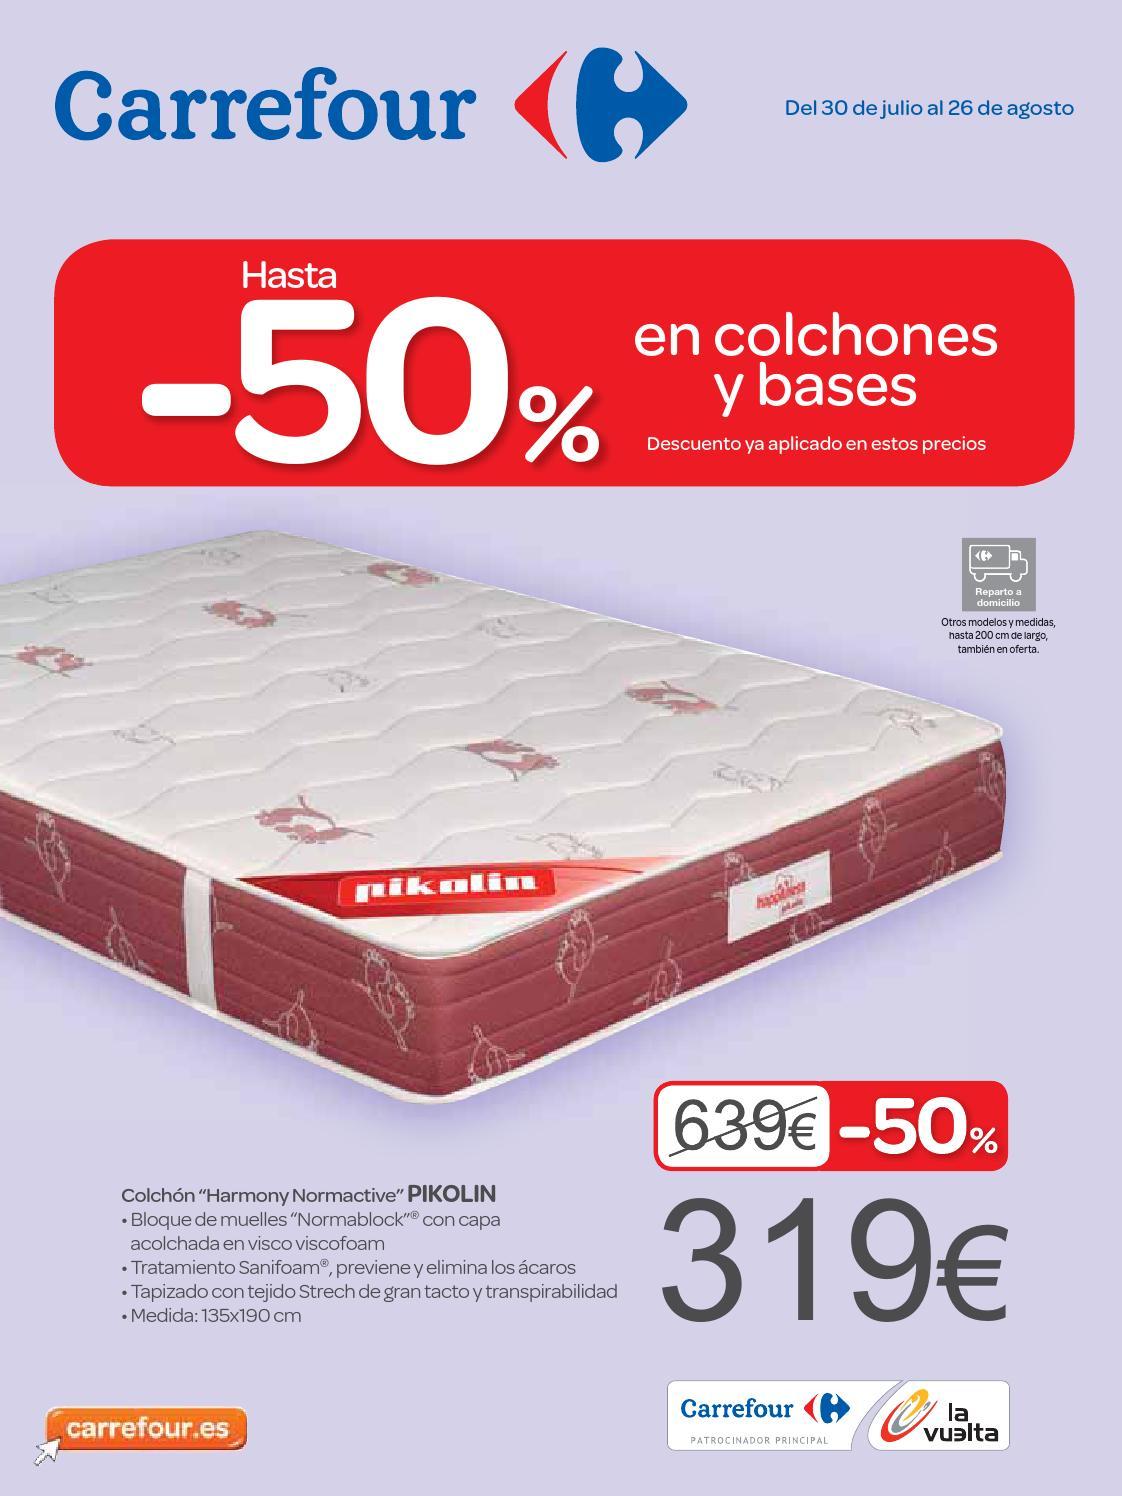 Descuento en colchones de Carrefour by Hackos ECC   issuu